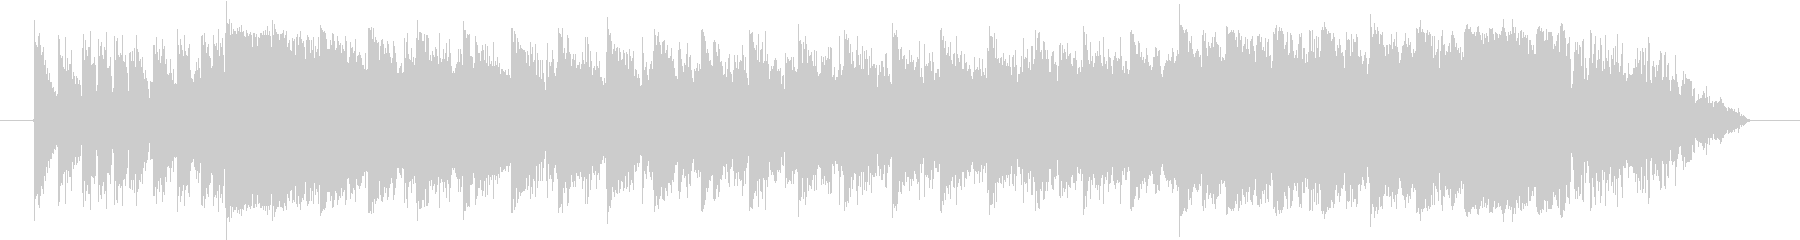 EDM ジングル CM スポット 15秒の未再生の波形